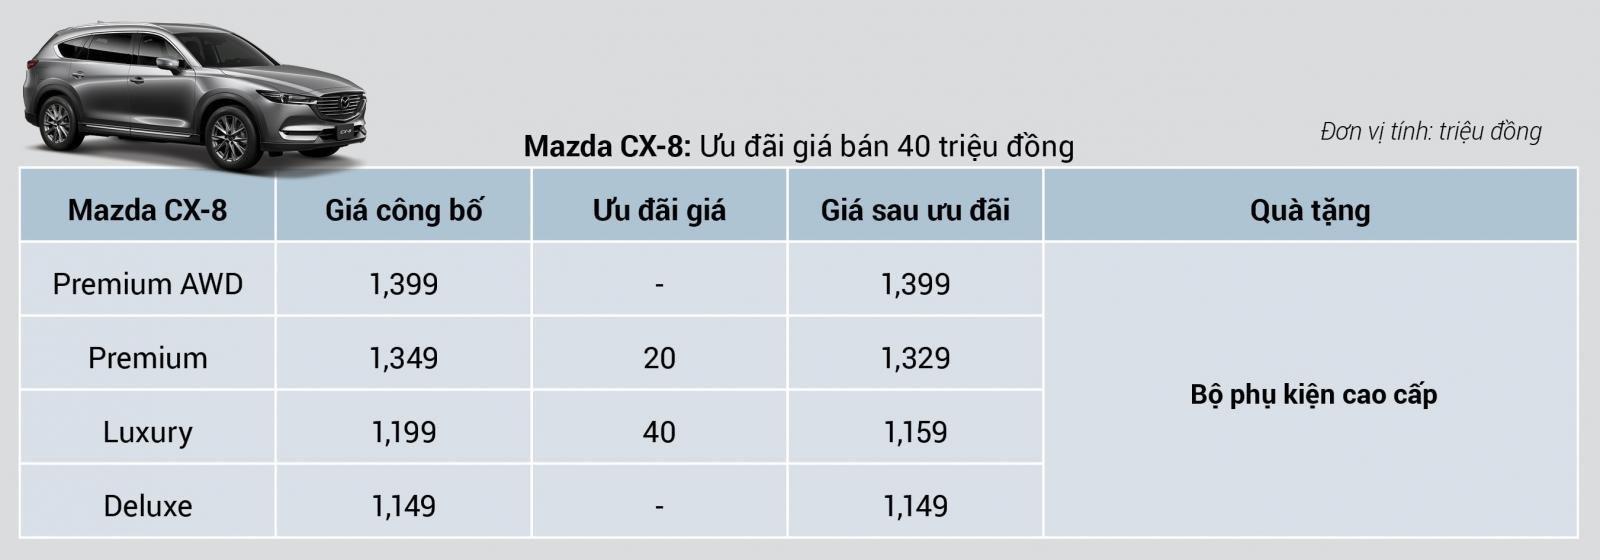 Cuối tháng 10, các hãng xe tại Việt Nam ra các chương trình khuyến mại gì? - Ảnh 3.